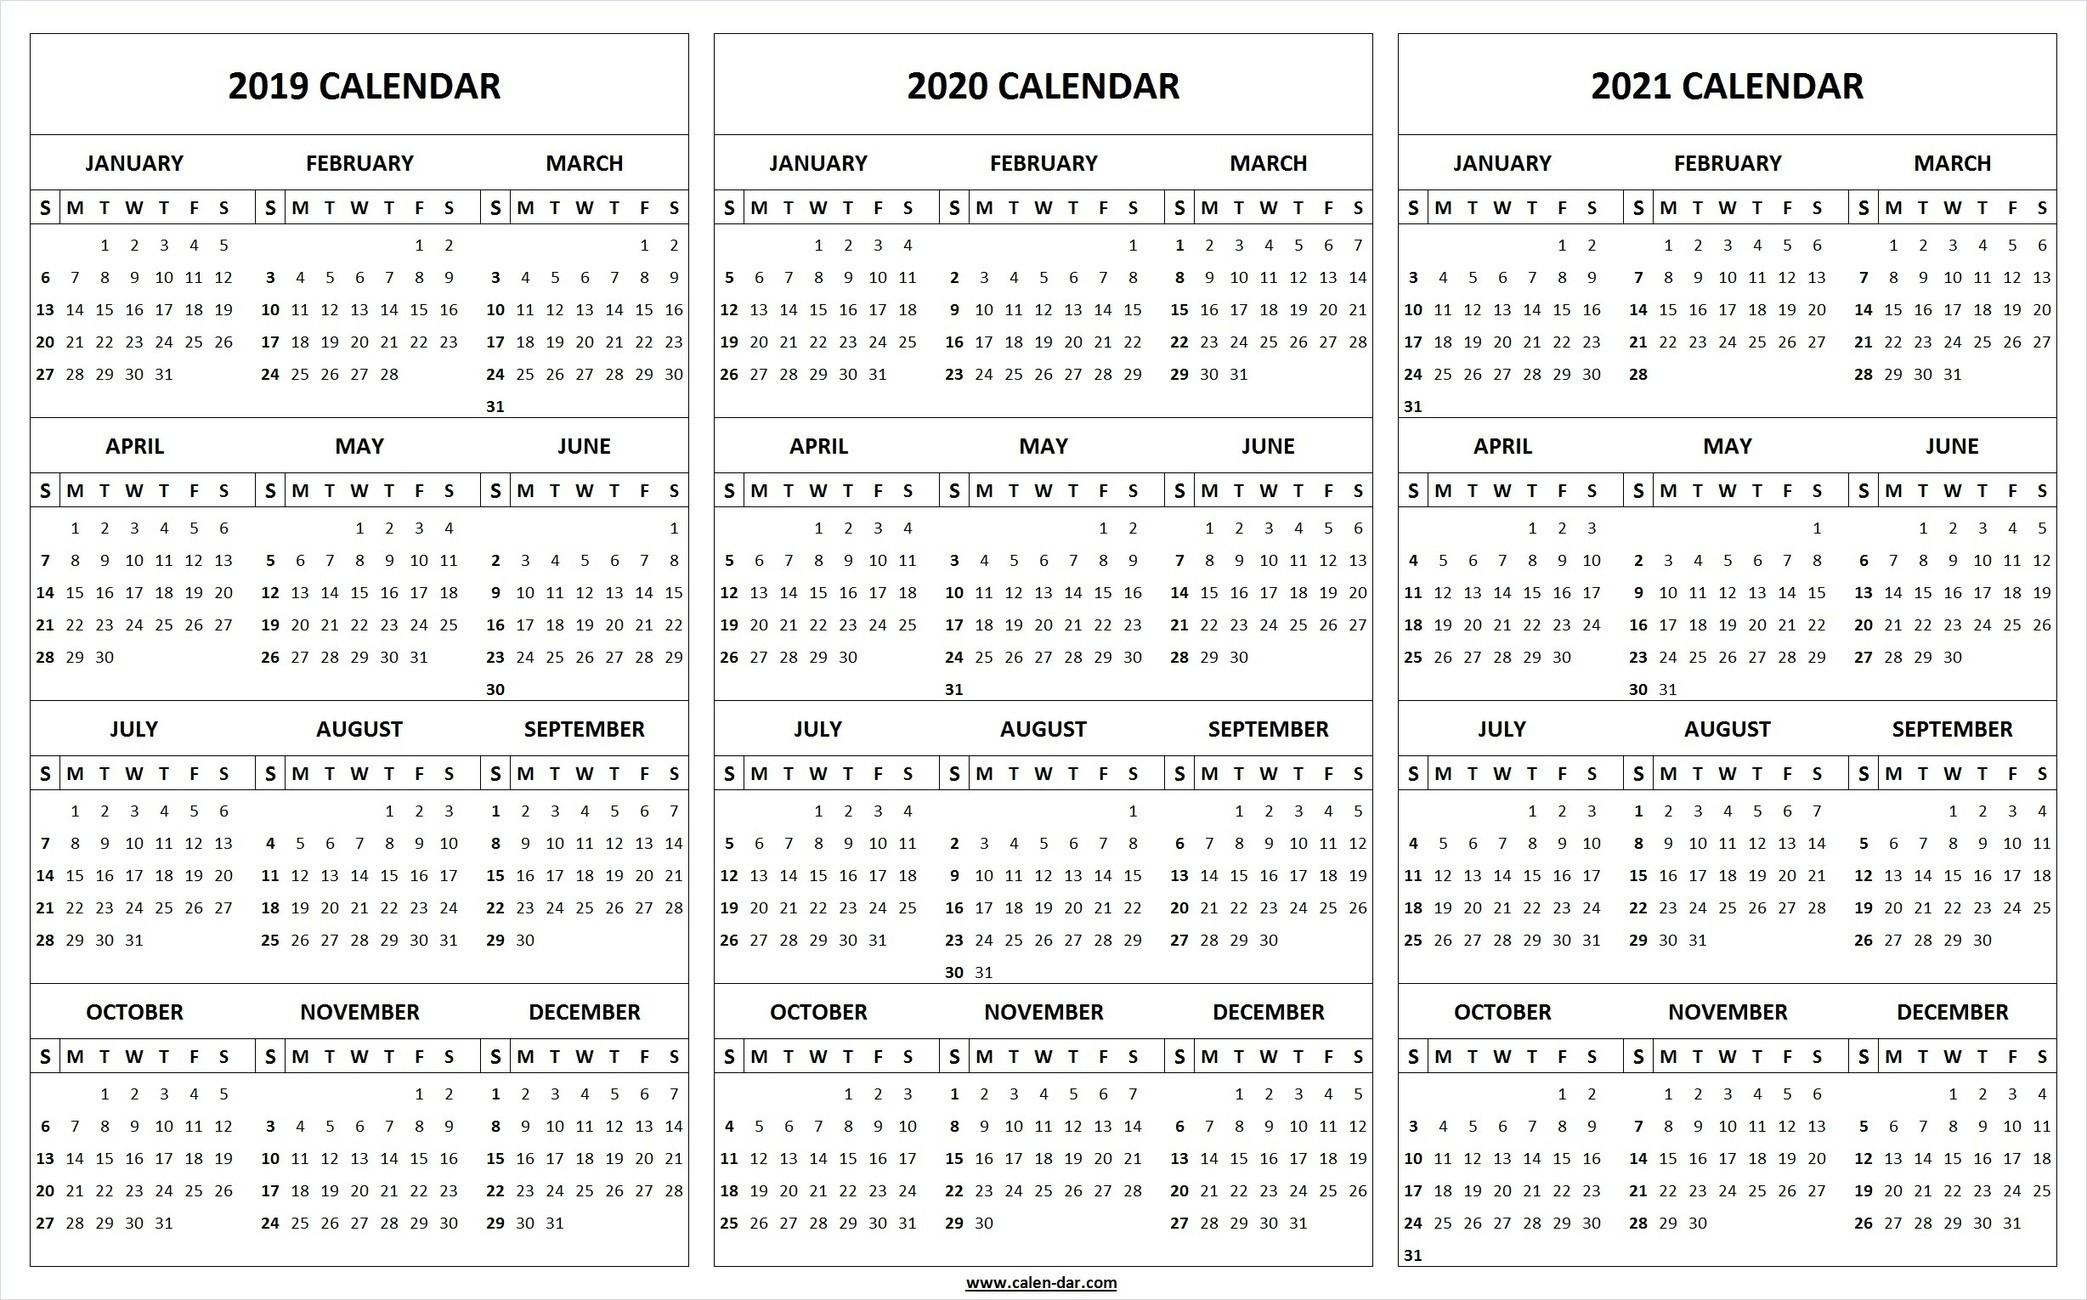 Calendario 2019 Para Imprimir Mes A Mes Más Recientemente Liberado Printable 2019 2020 2021 Calendar Template Of Calendario 2019 Para Imprimir Mes A Mes Recientes Calendario Febrero 2018 Dise±os Pinterest